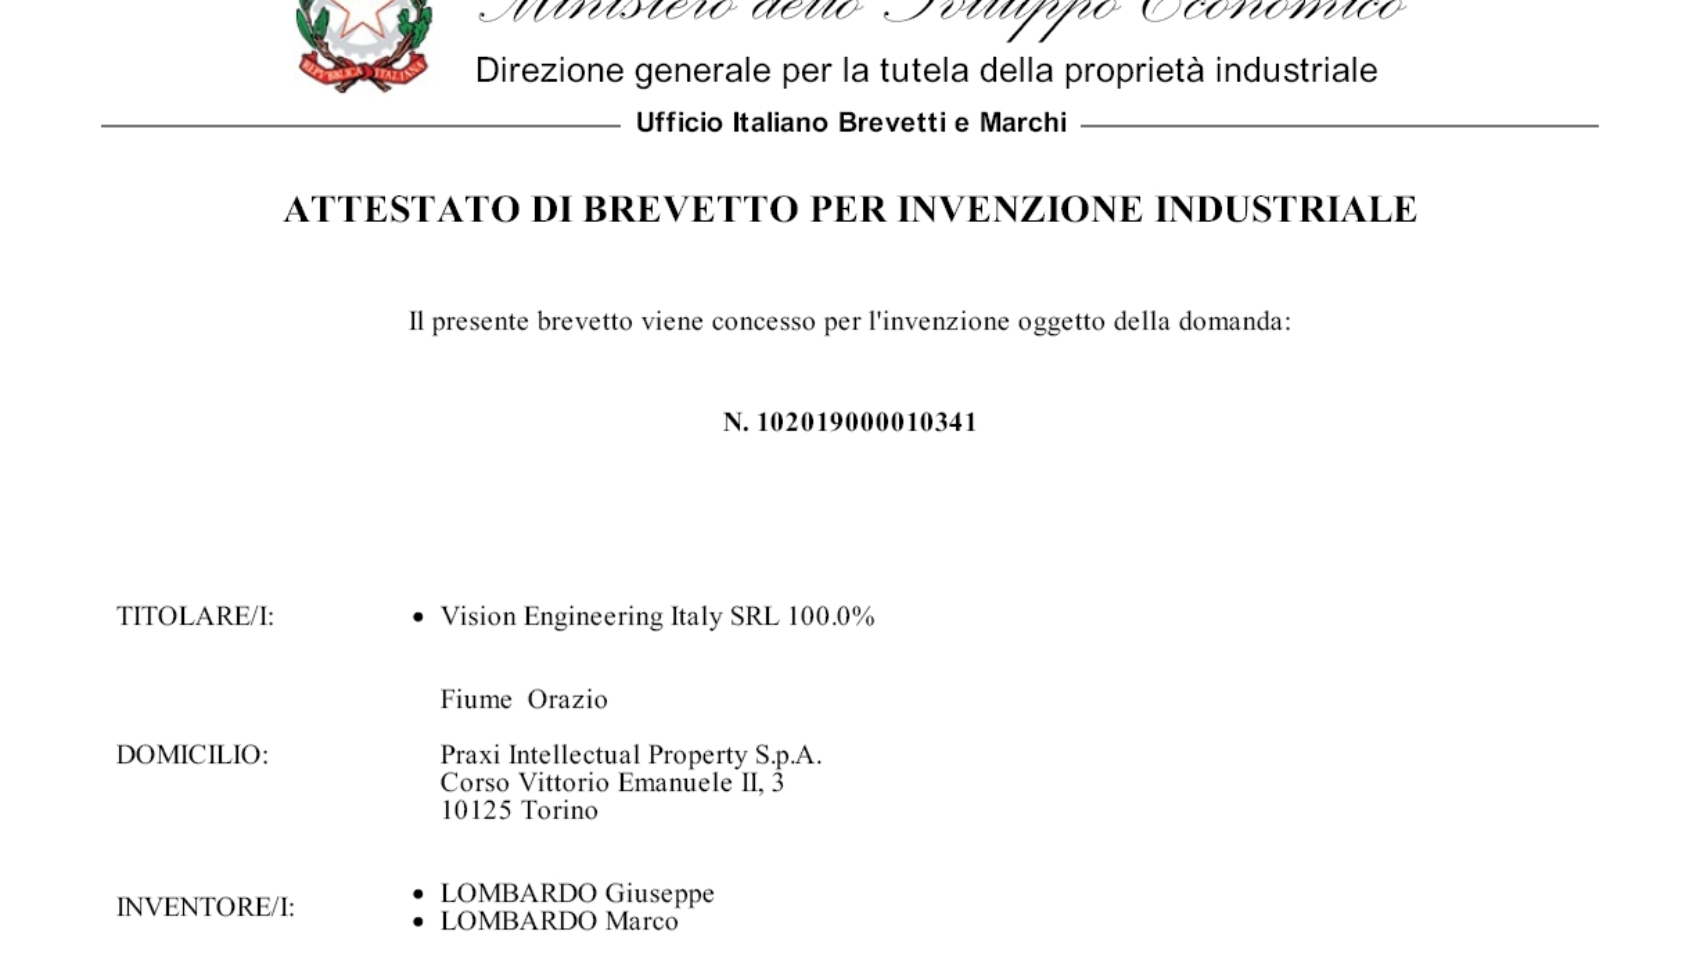 Concession brevetto VEI_05 ITA